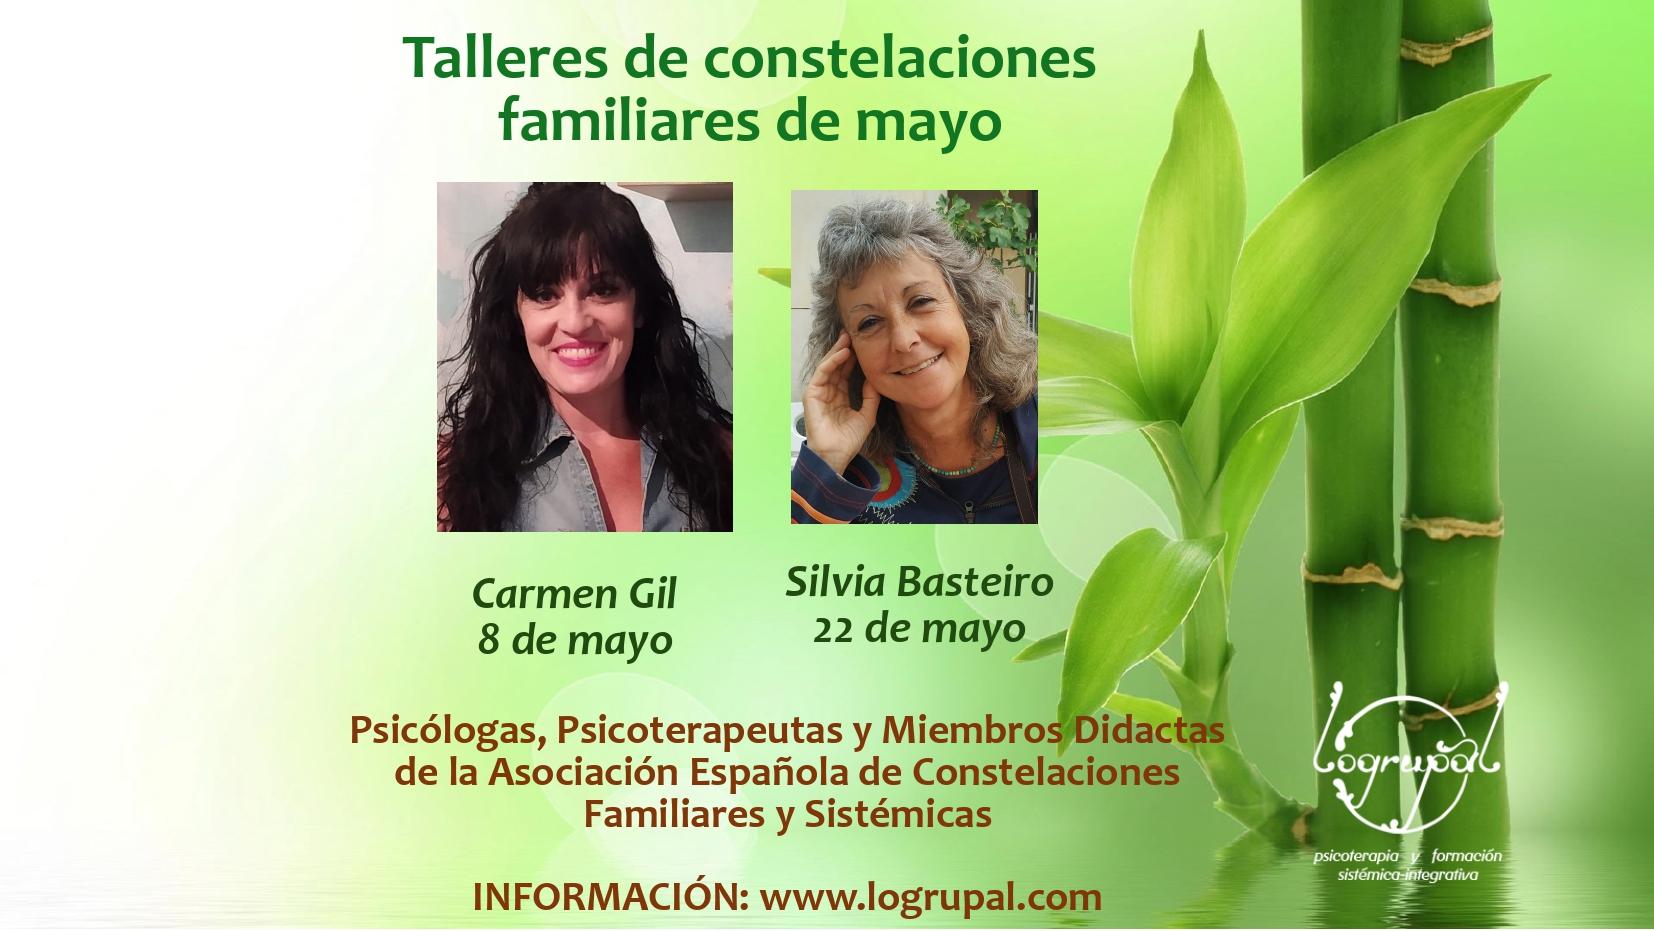 Talleres de Constelaciones Familiares en Almería y online (Sábados 8 y 22 de mayo)